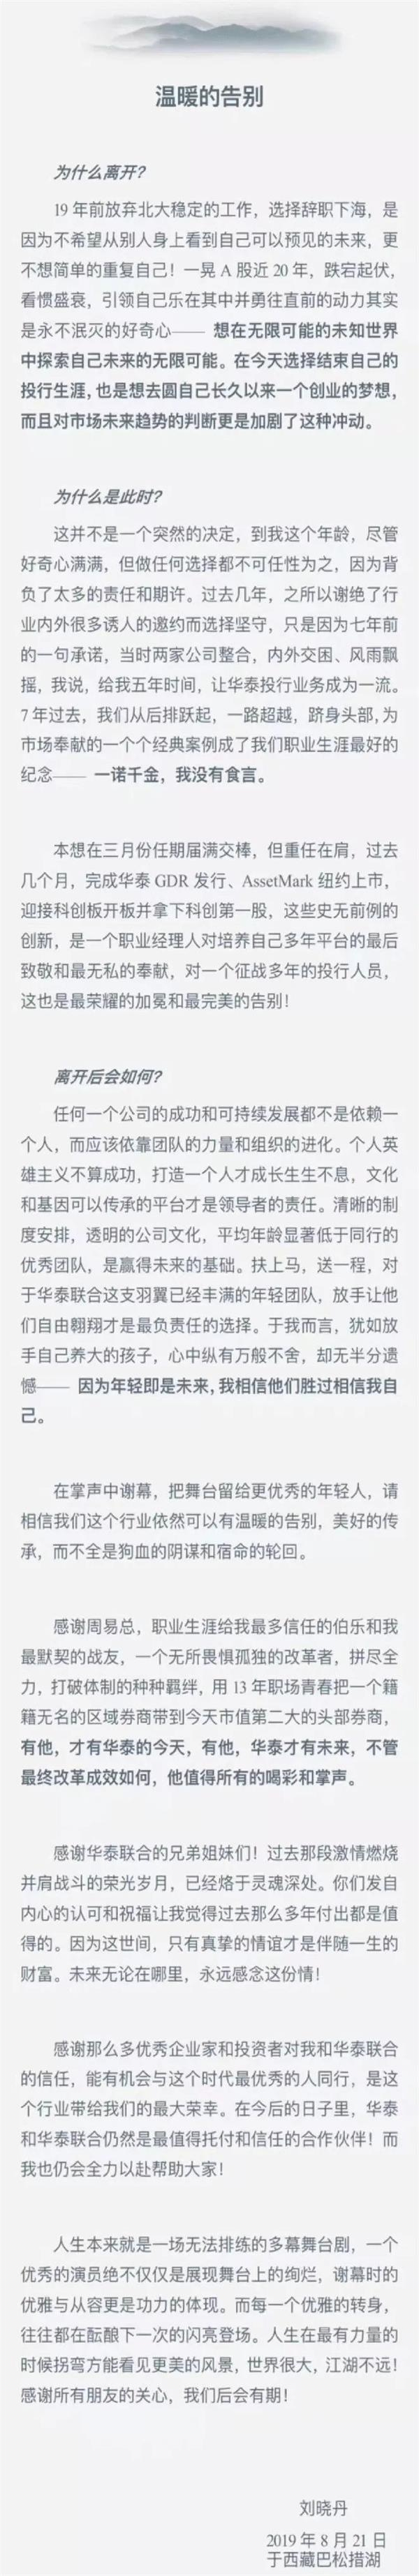 """一封告别信轰动券业!一代""""并购女皇""""刘晓丹终究离职!1500字讲清因何离开"""